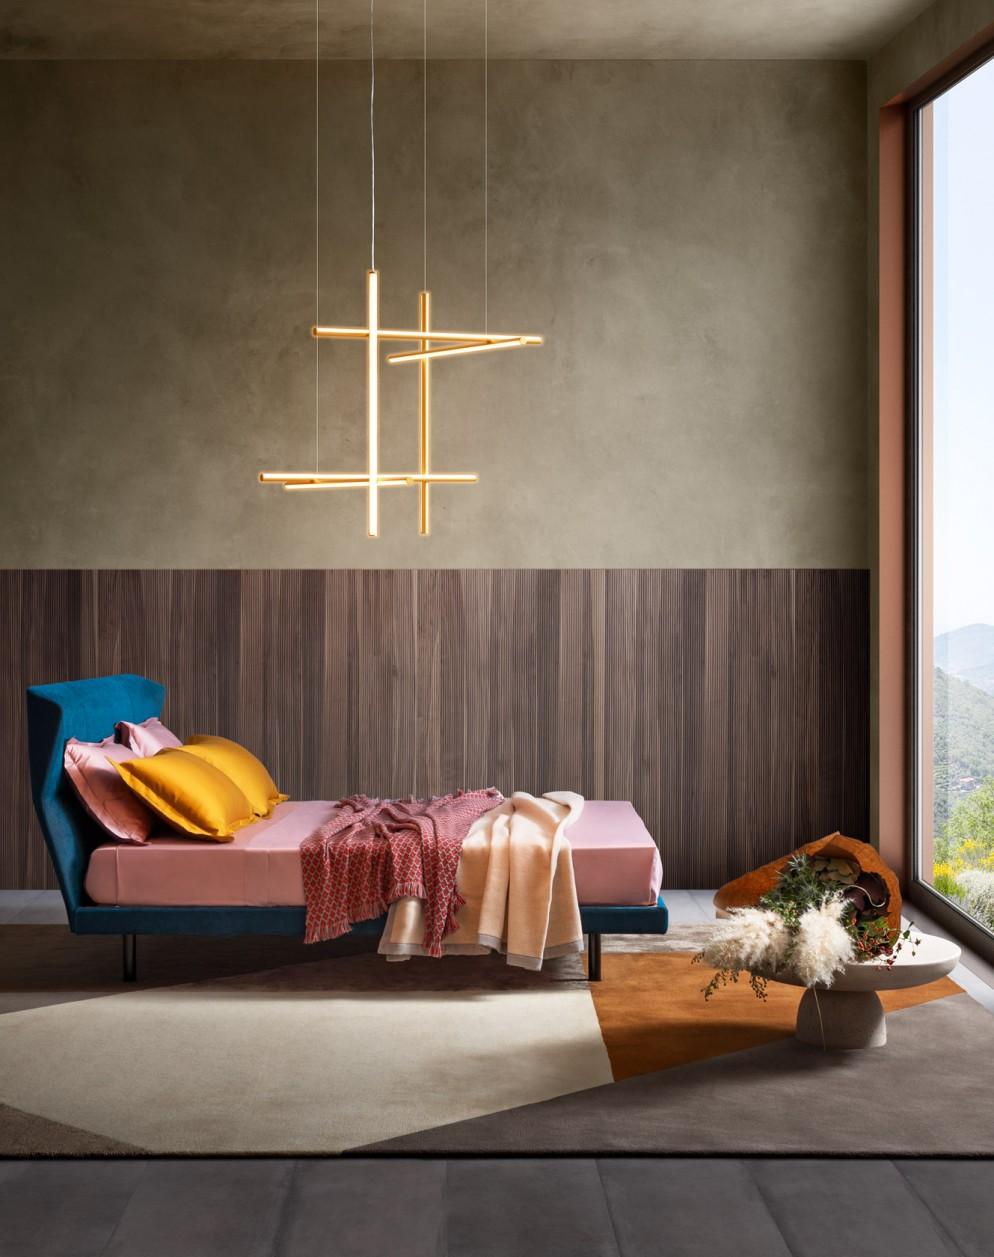 idee-arredare-casa-lampade-divani-sedie-letti-poltrone-05